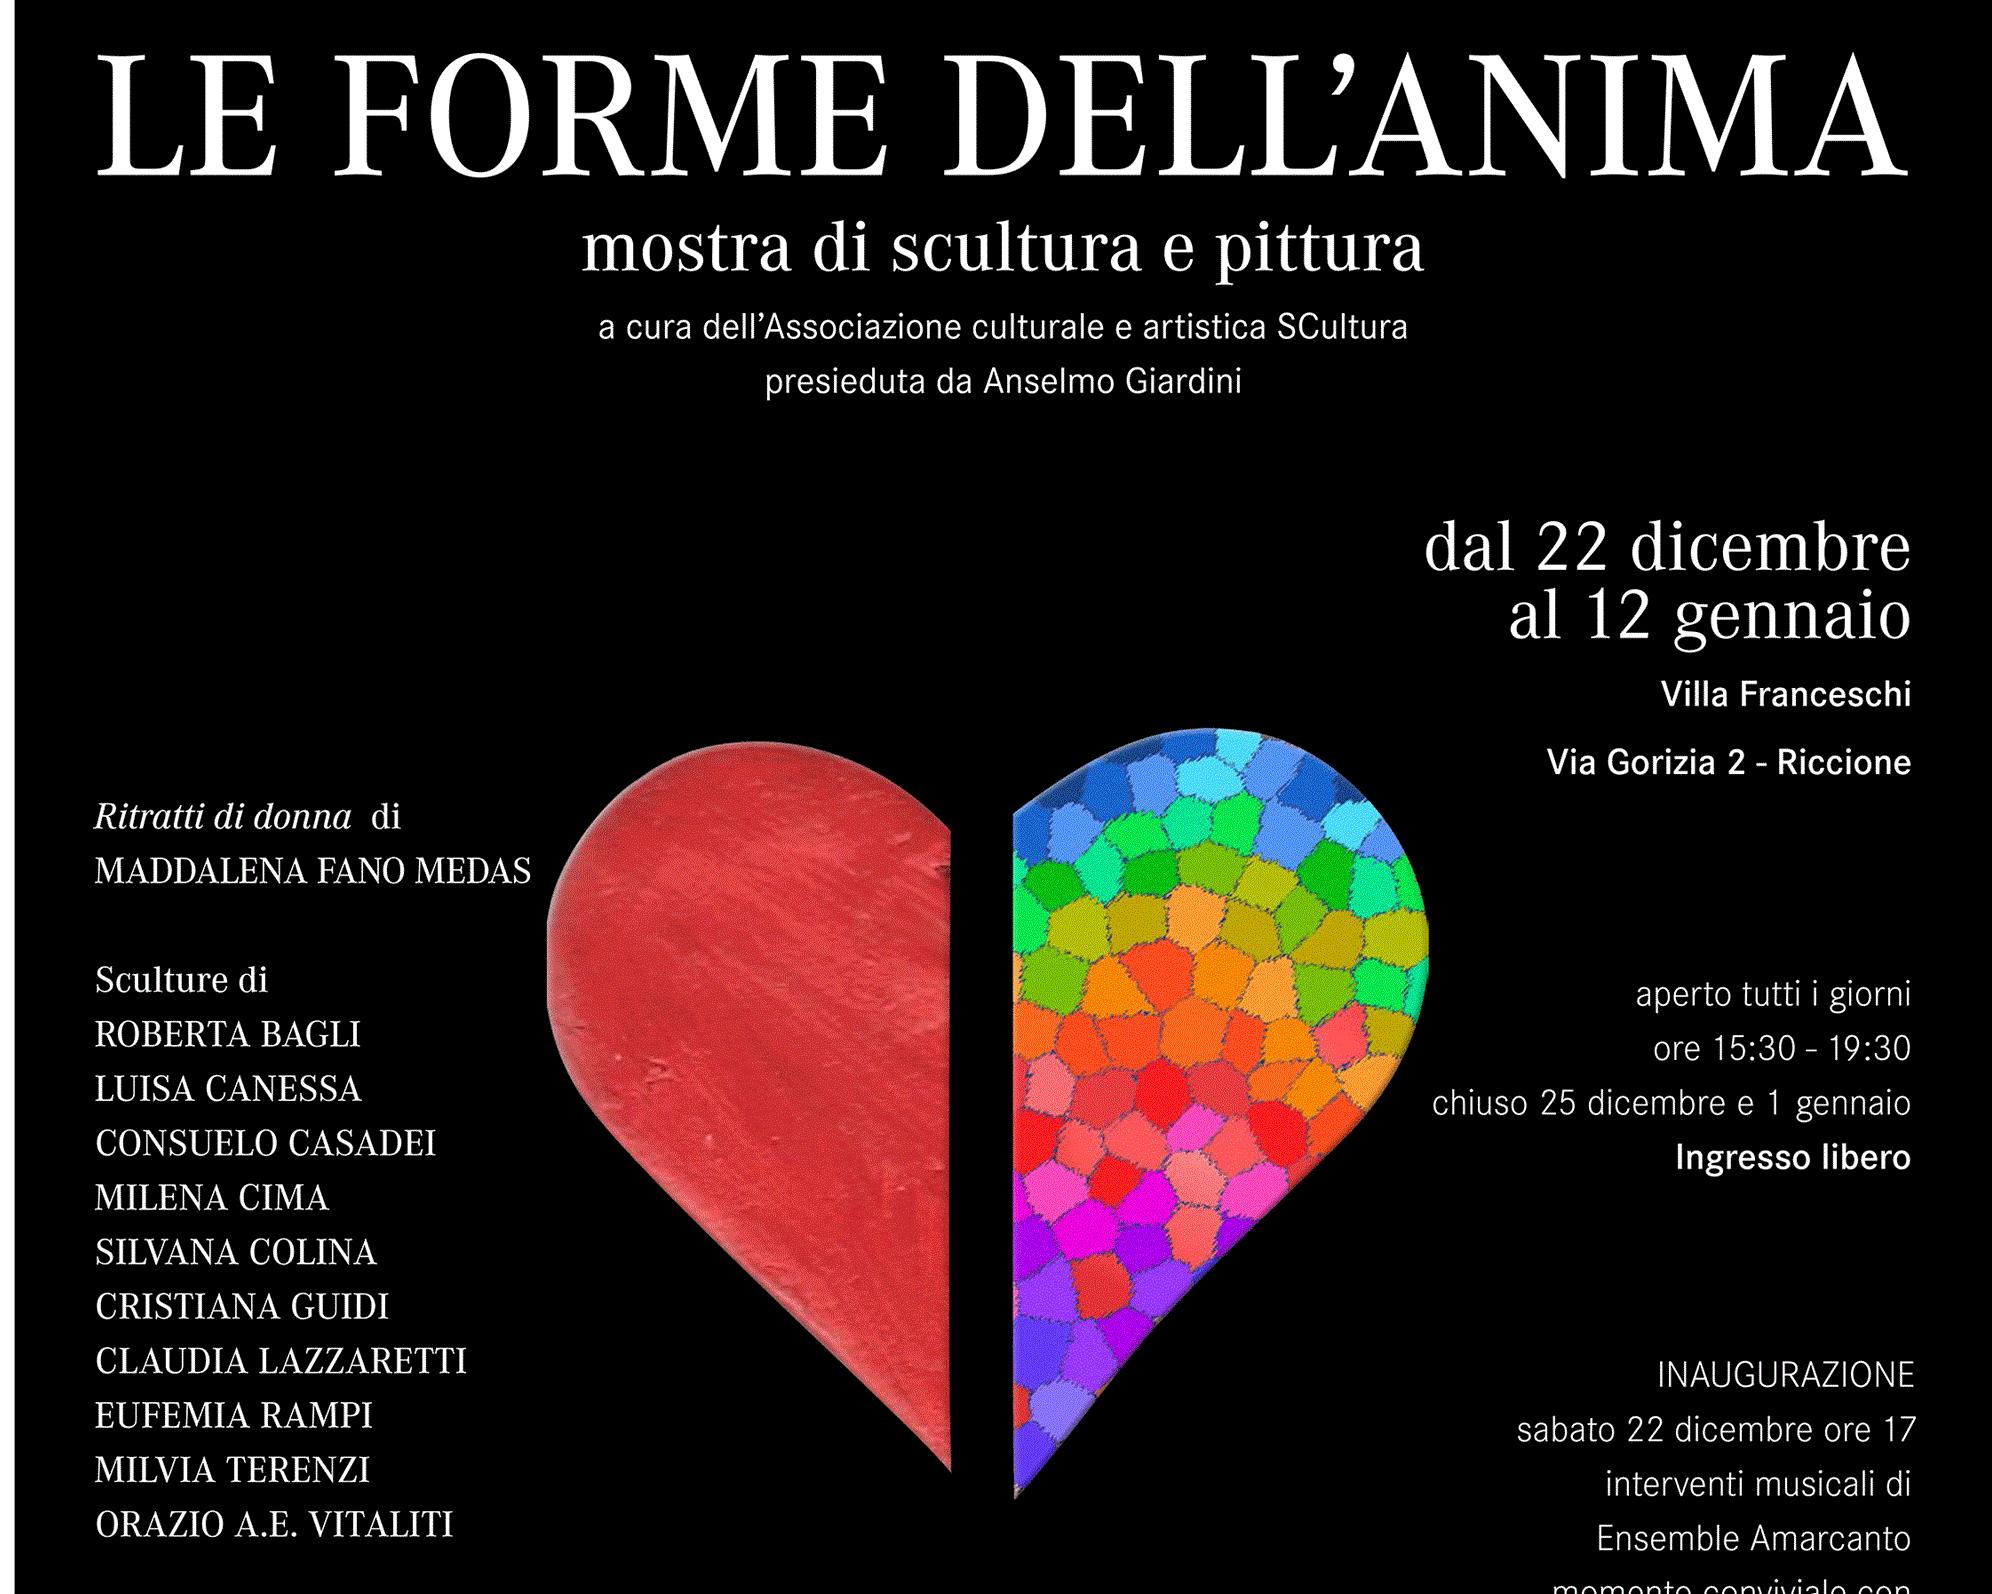 Mostra di  scultura e pittura LE FORME DELL' ANIMA a Villa Franceschi